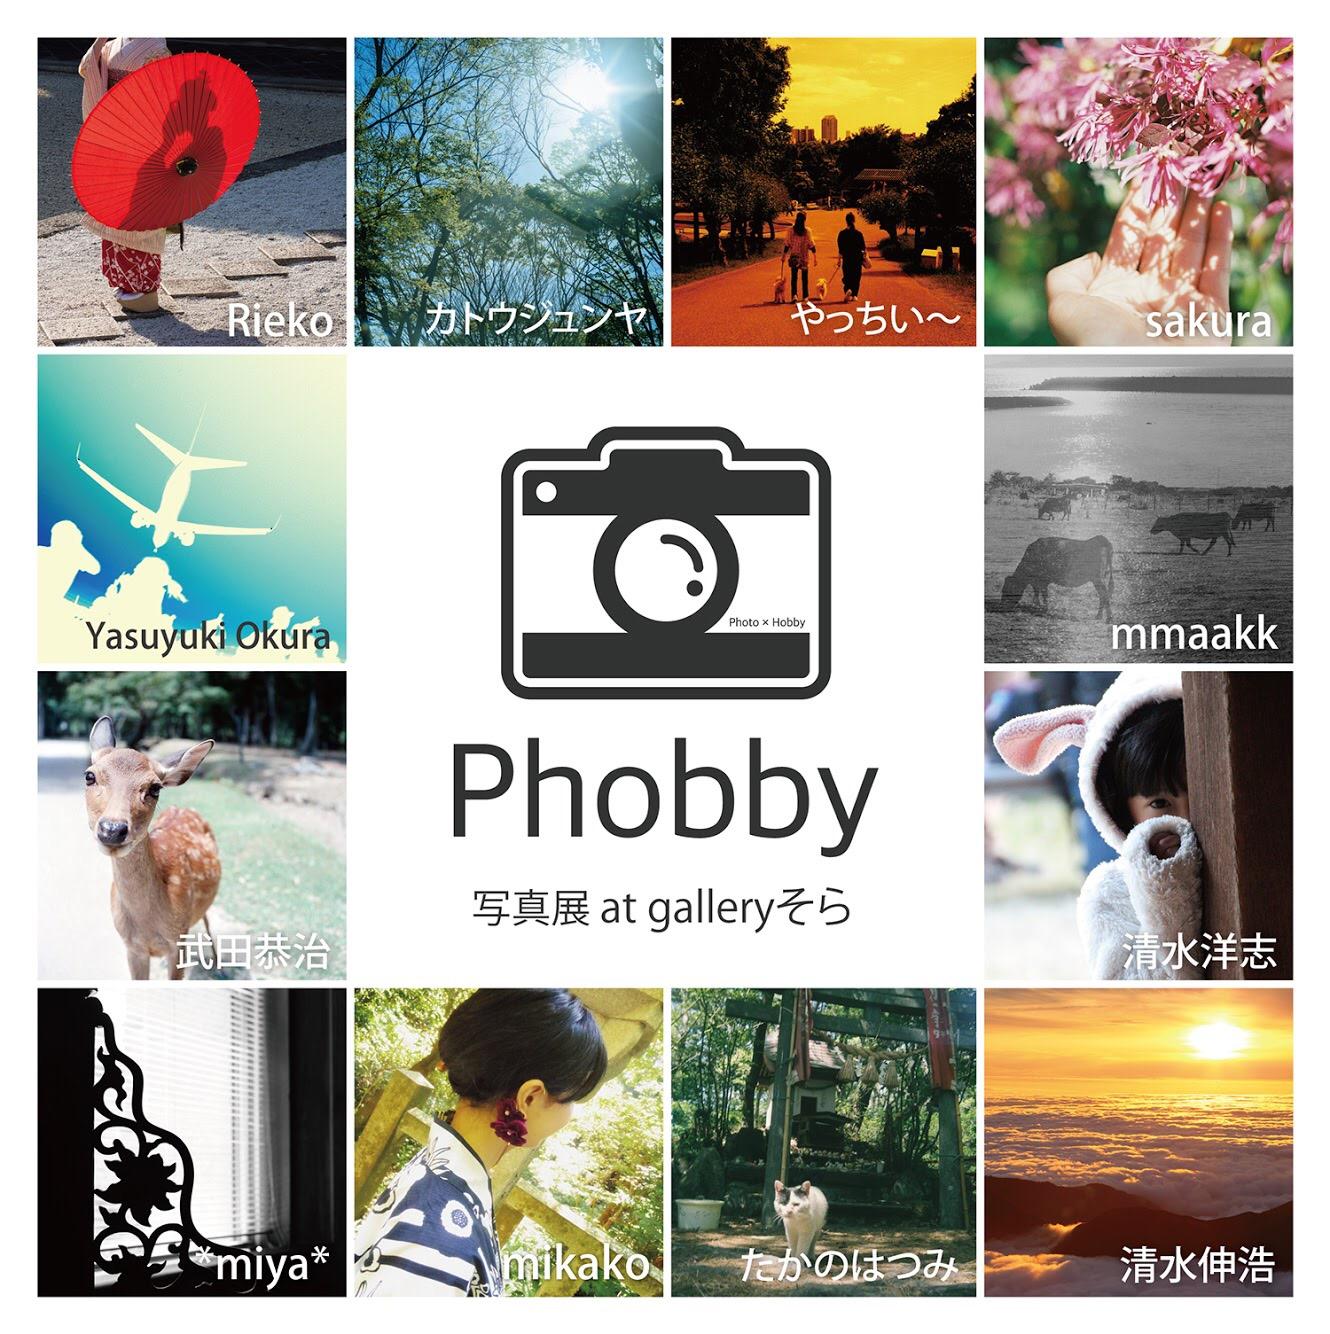 Phobby